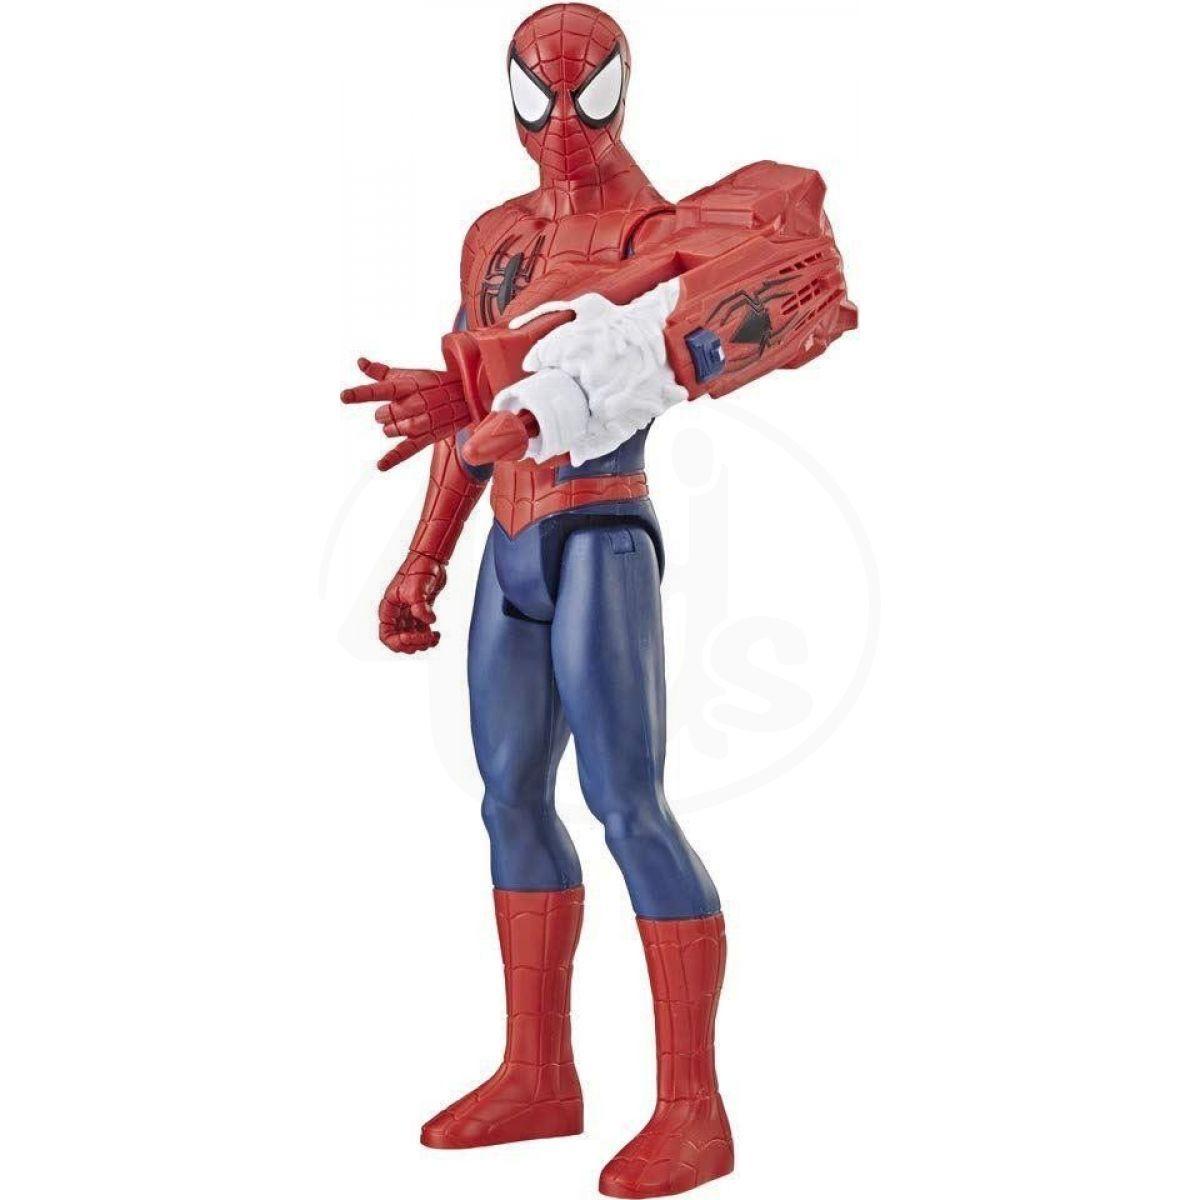 Hasbro Spider-man 30 cm mluvící figurka FX